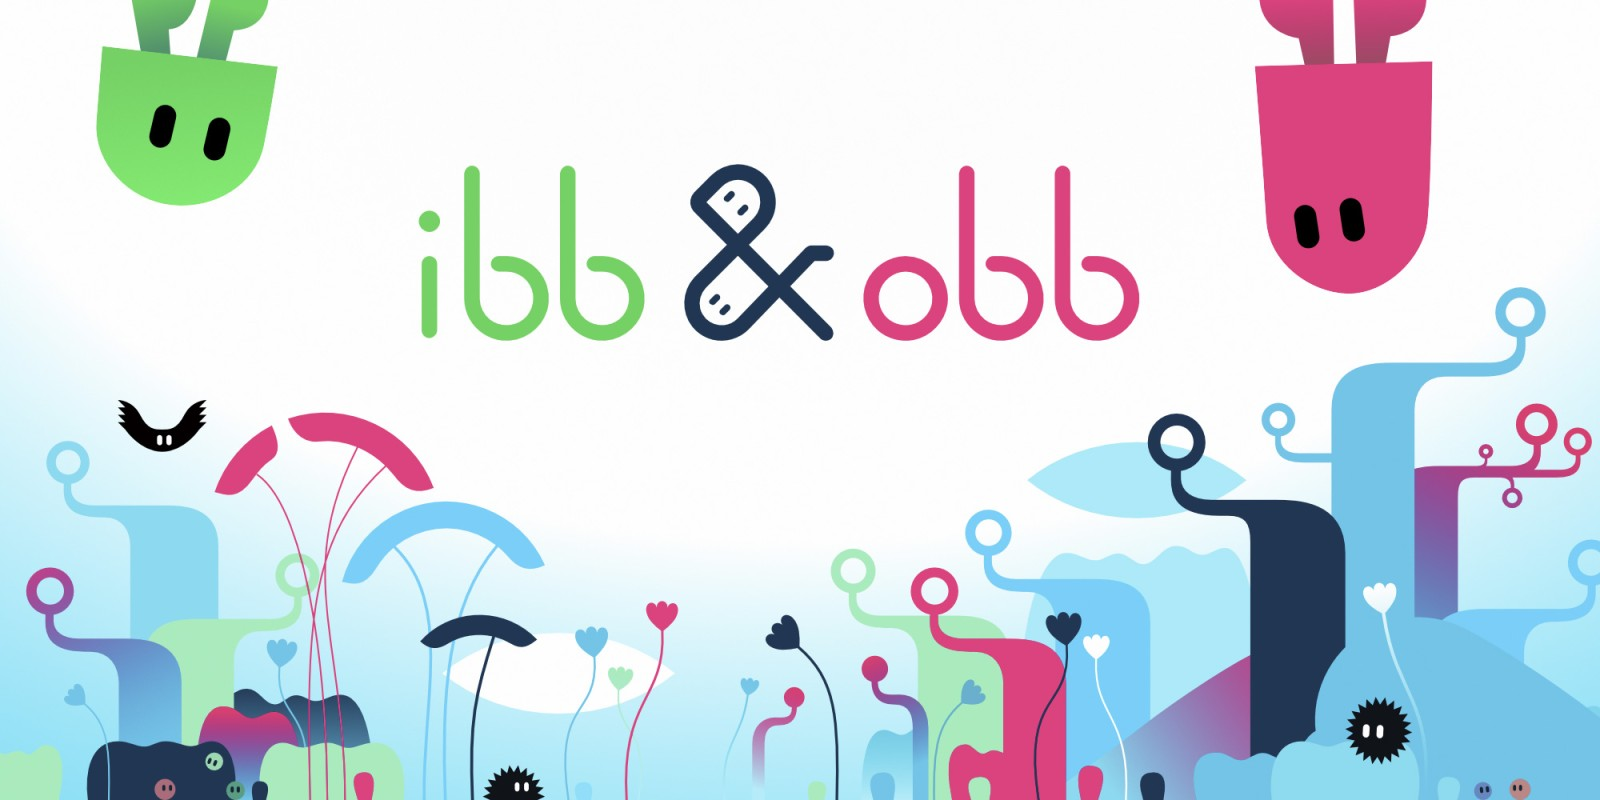 Ne manquez pas le majestueux Ibb & Obb sur Switch